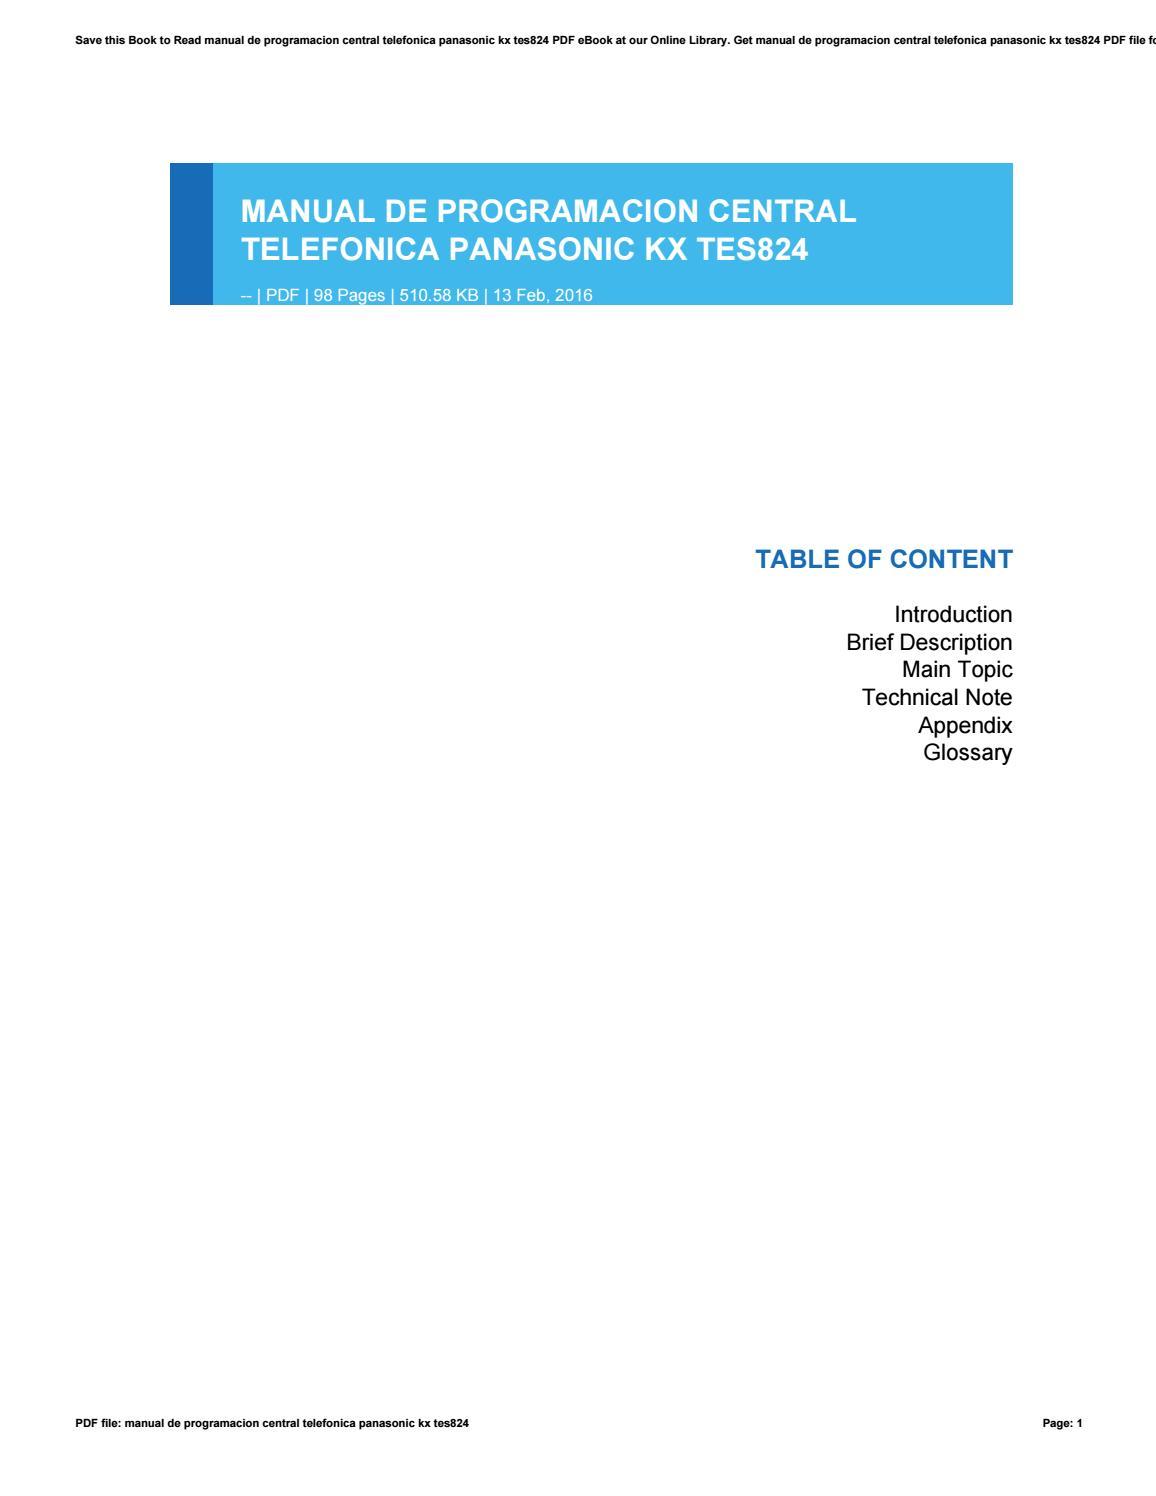 manual de programacion central telefonica panasonic kx tes824 by rh issuu com guia de usuario kx-tes824 BlackBerry Z10 Manual De Usuario